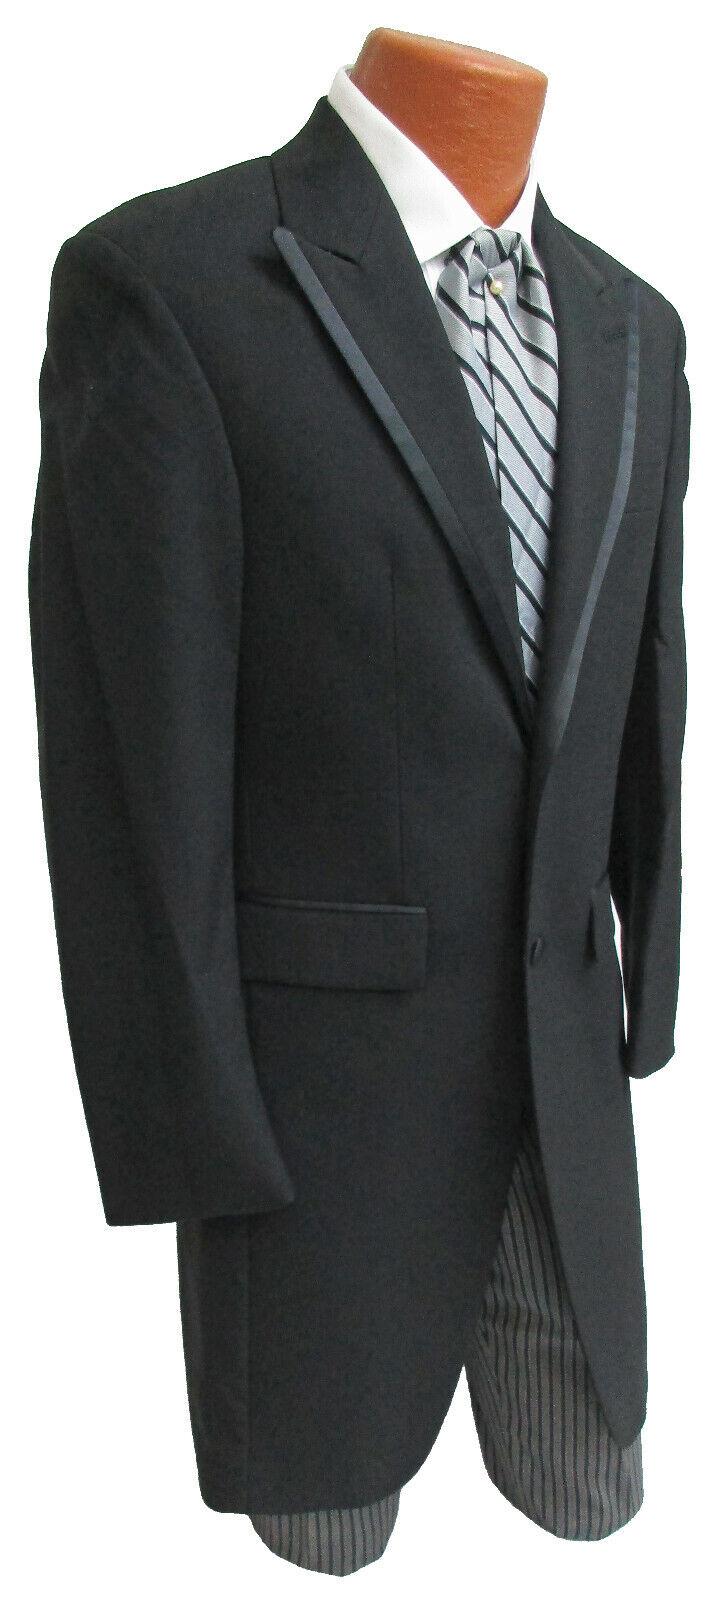 Men's Long Black Frock Morning Coat Wool Tuxedo Western Duster Cutaway Tails 38L